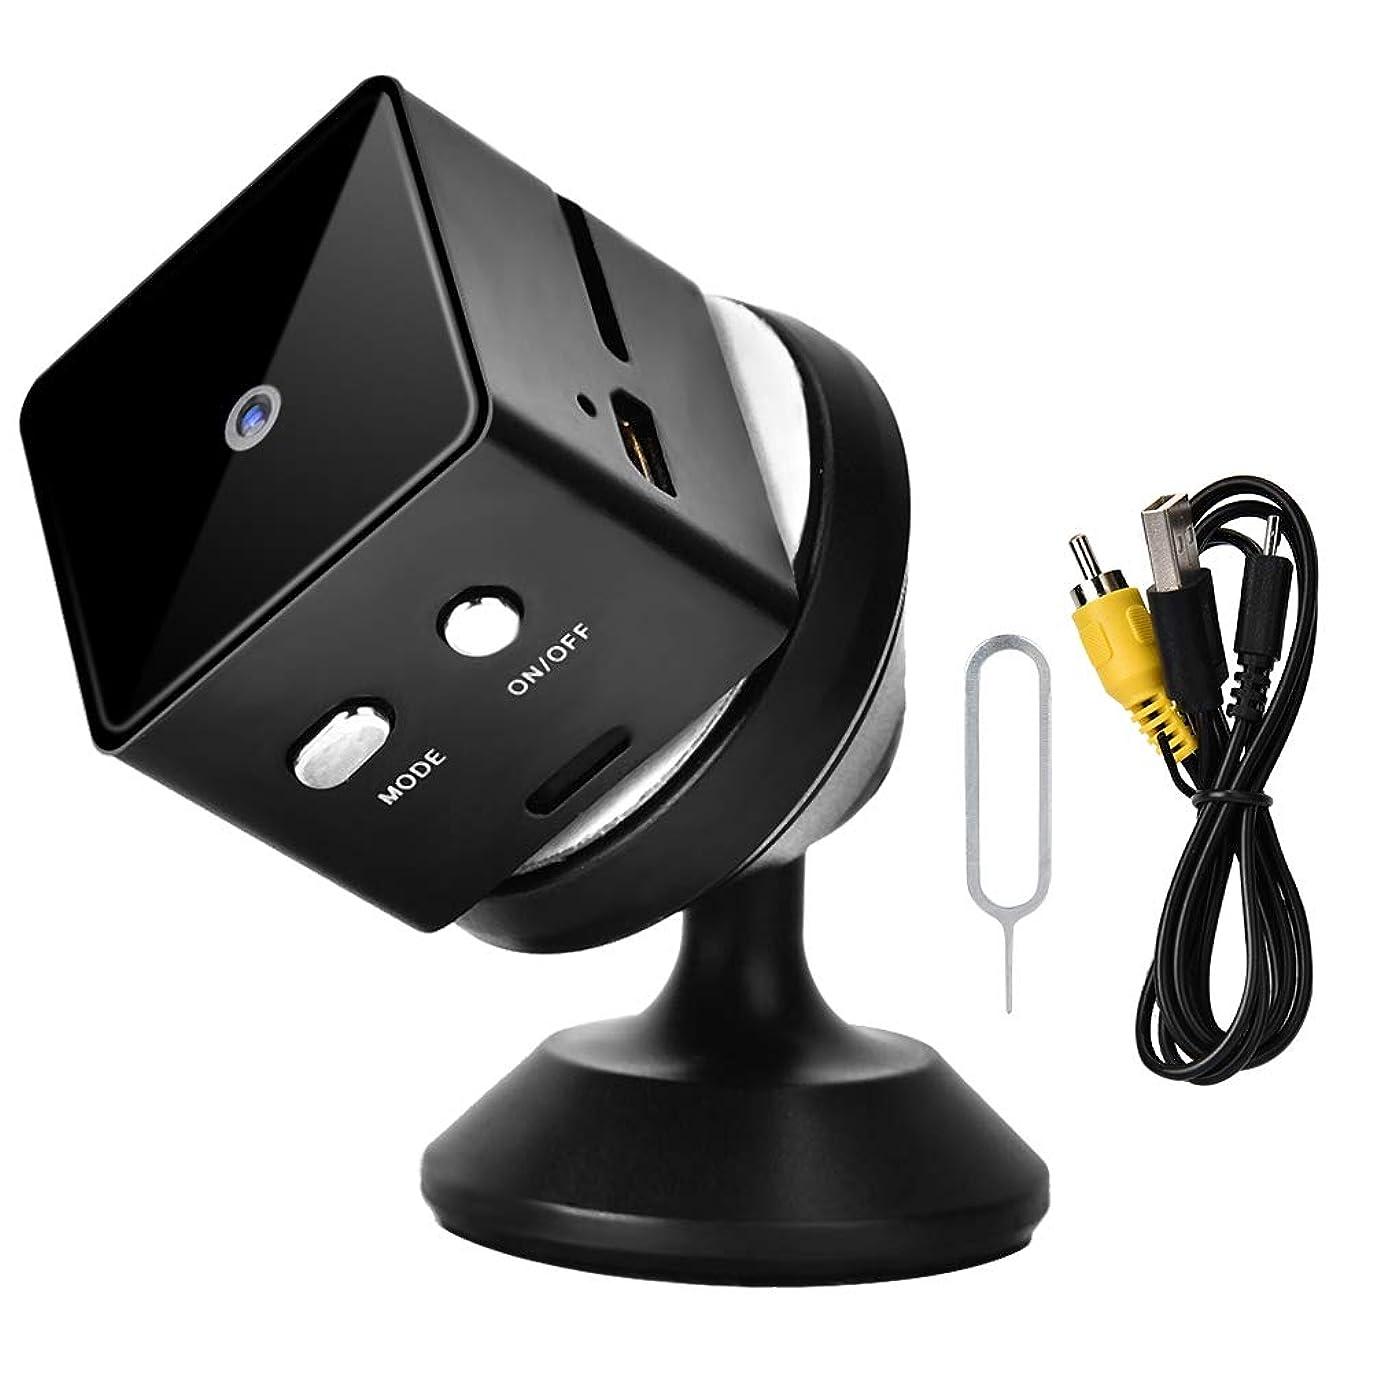 高い電子レンジのために隠された小型スパイのカメラ - 1080P HD携帯用小型カメラ、DVの監視カメラのホームセキュリティーの乳母車のカムコーダーのコンパクトの屋内/屋外のビデオレコーダー